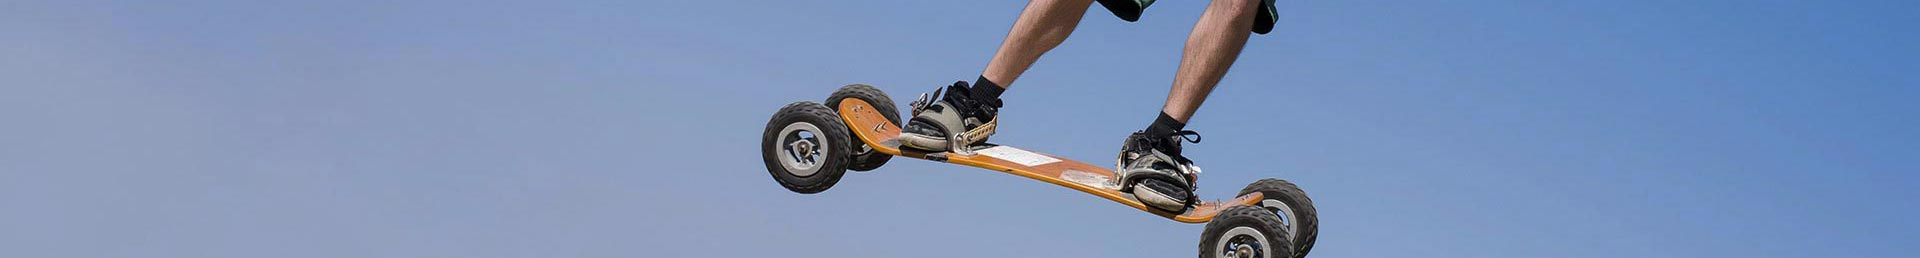 Skate électrique Cantal